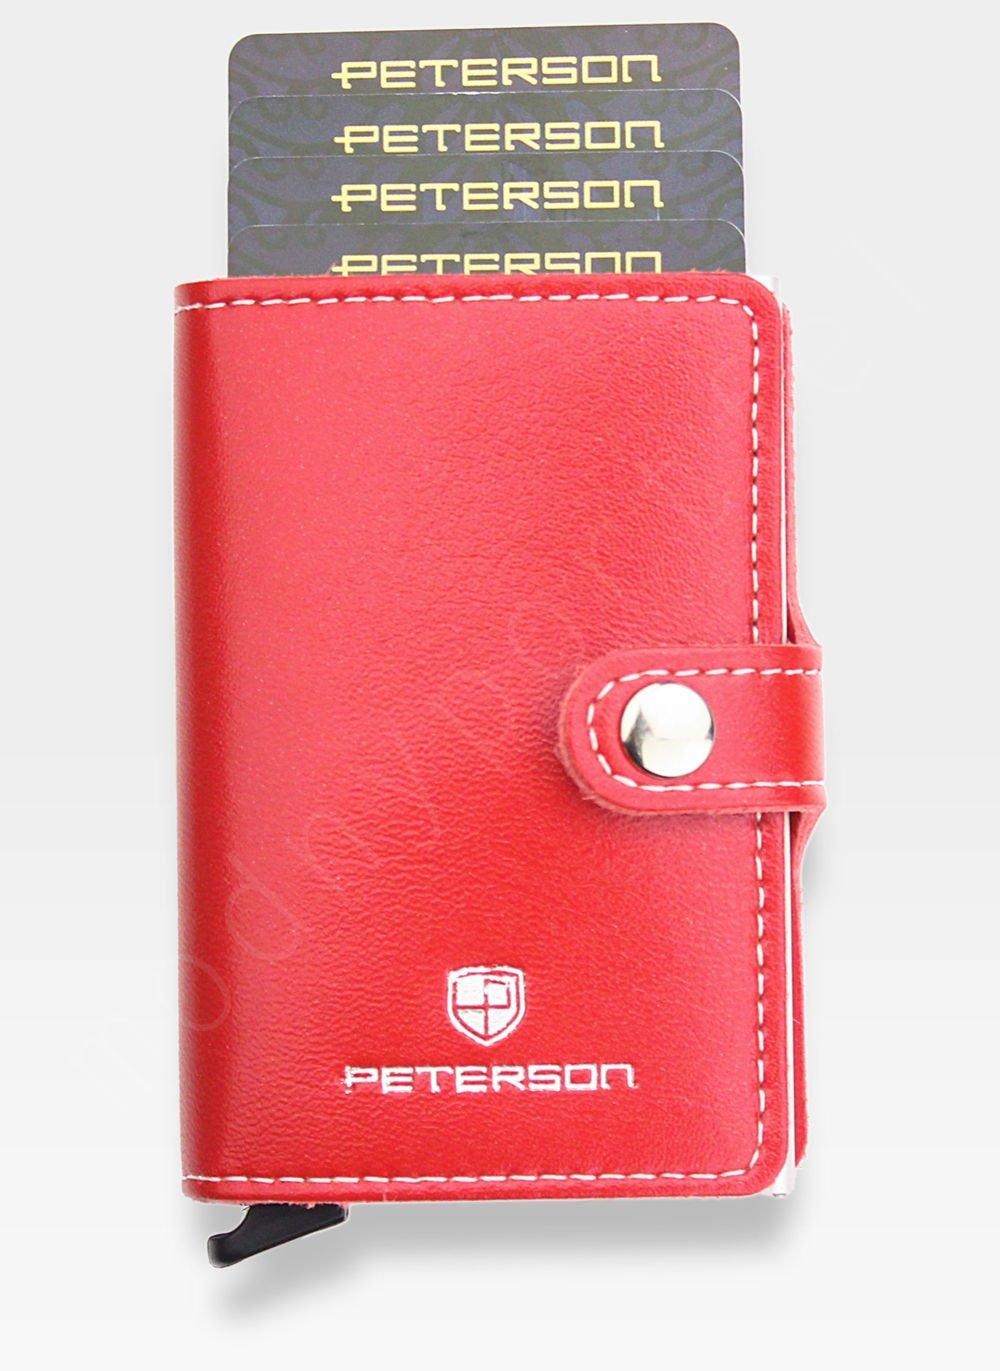 fbd2a2d500f89 Peterson Etui na Karty Automatyczne Aluminiowe Mały Portfel Slim ...